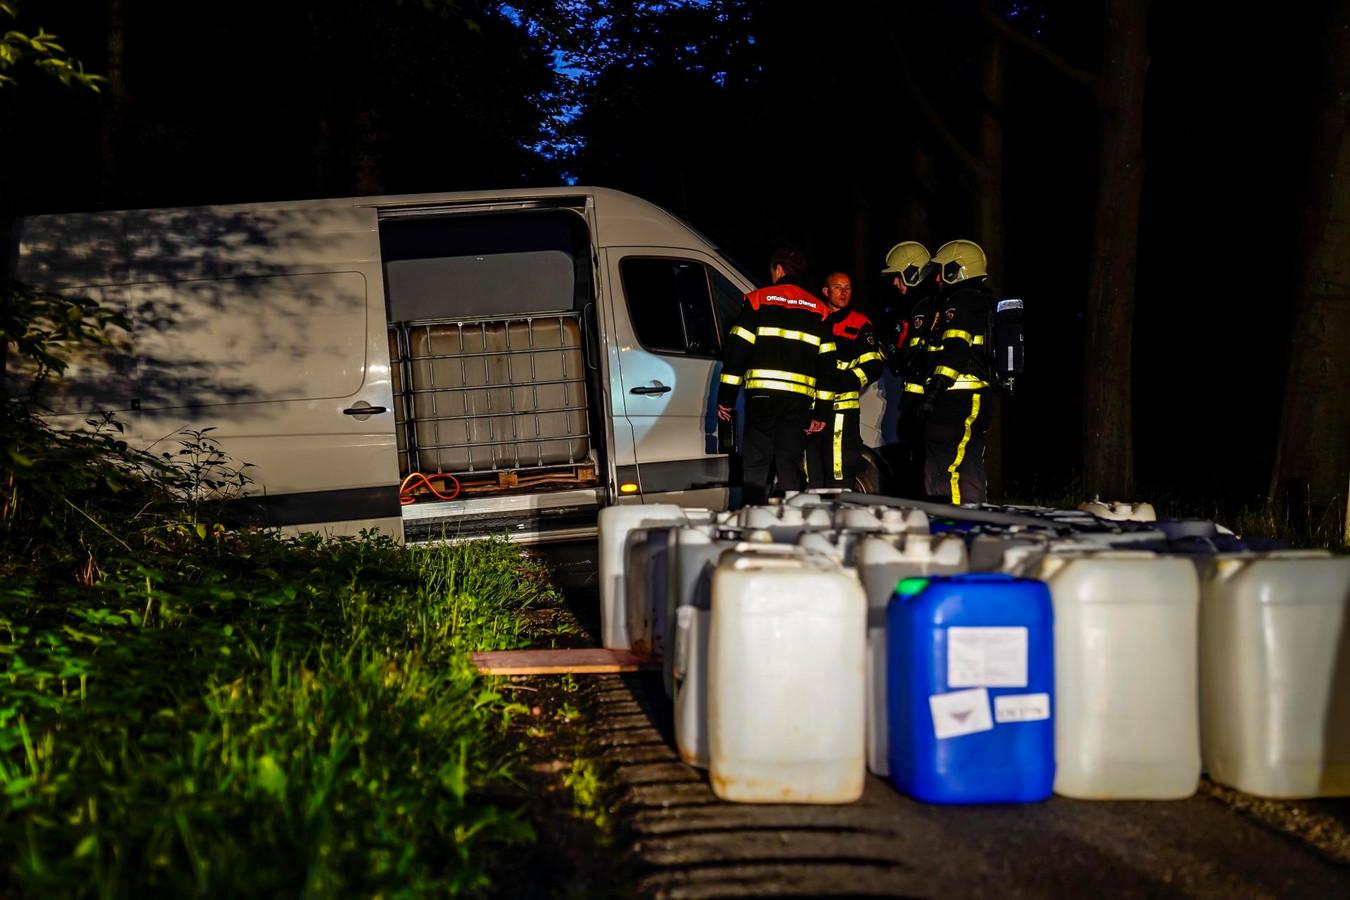 Busje met vermoedelijk drugsafval gevonden in Oosterhout.